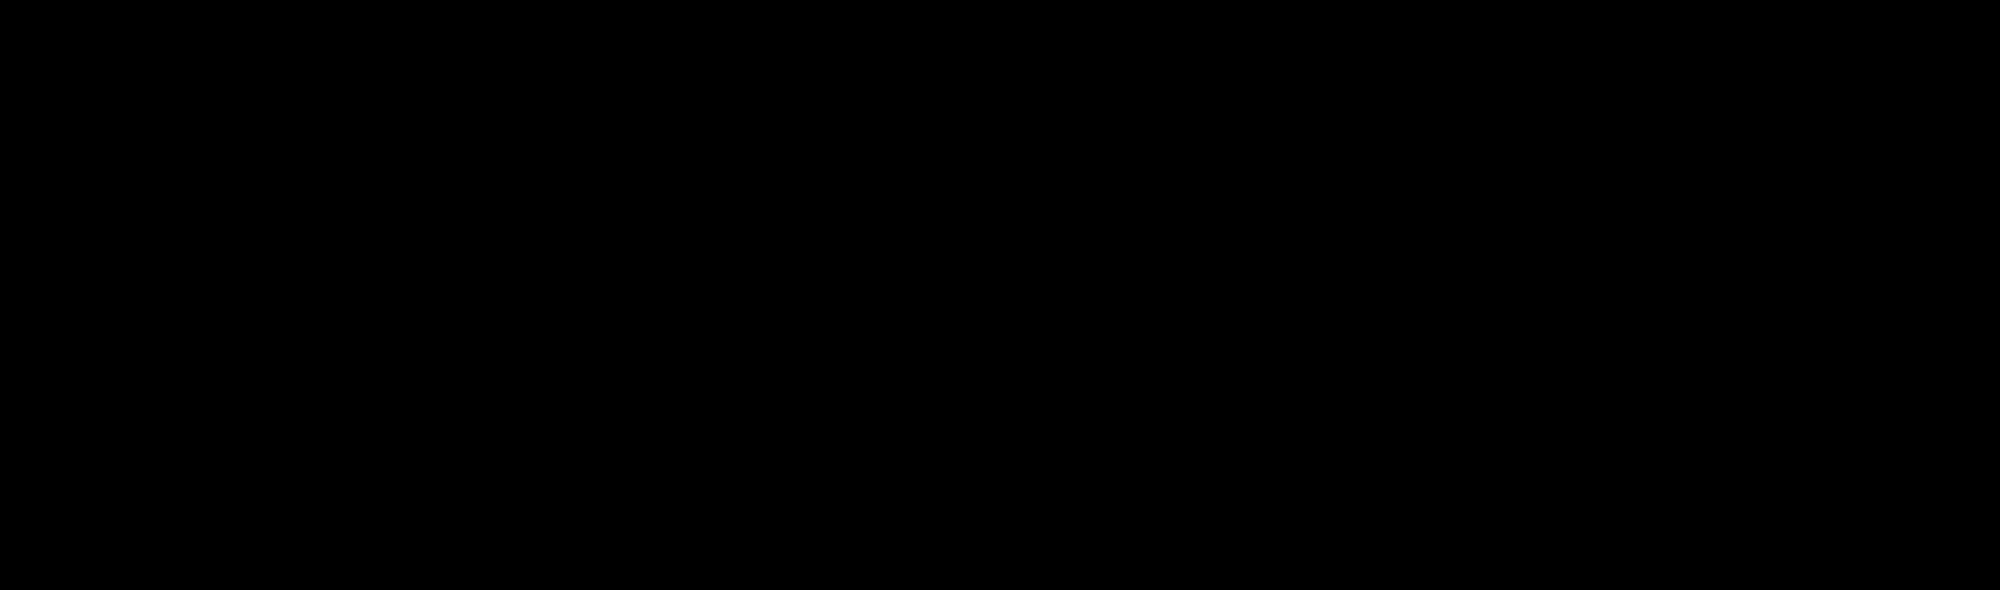 Girard-Perregaux_logo-svg.png